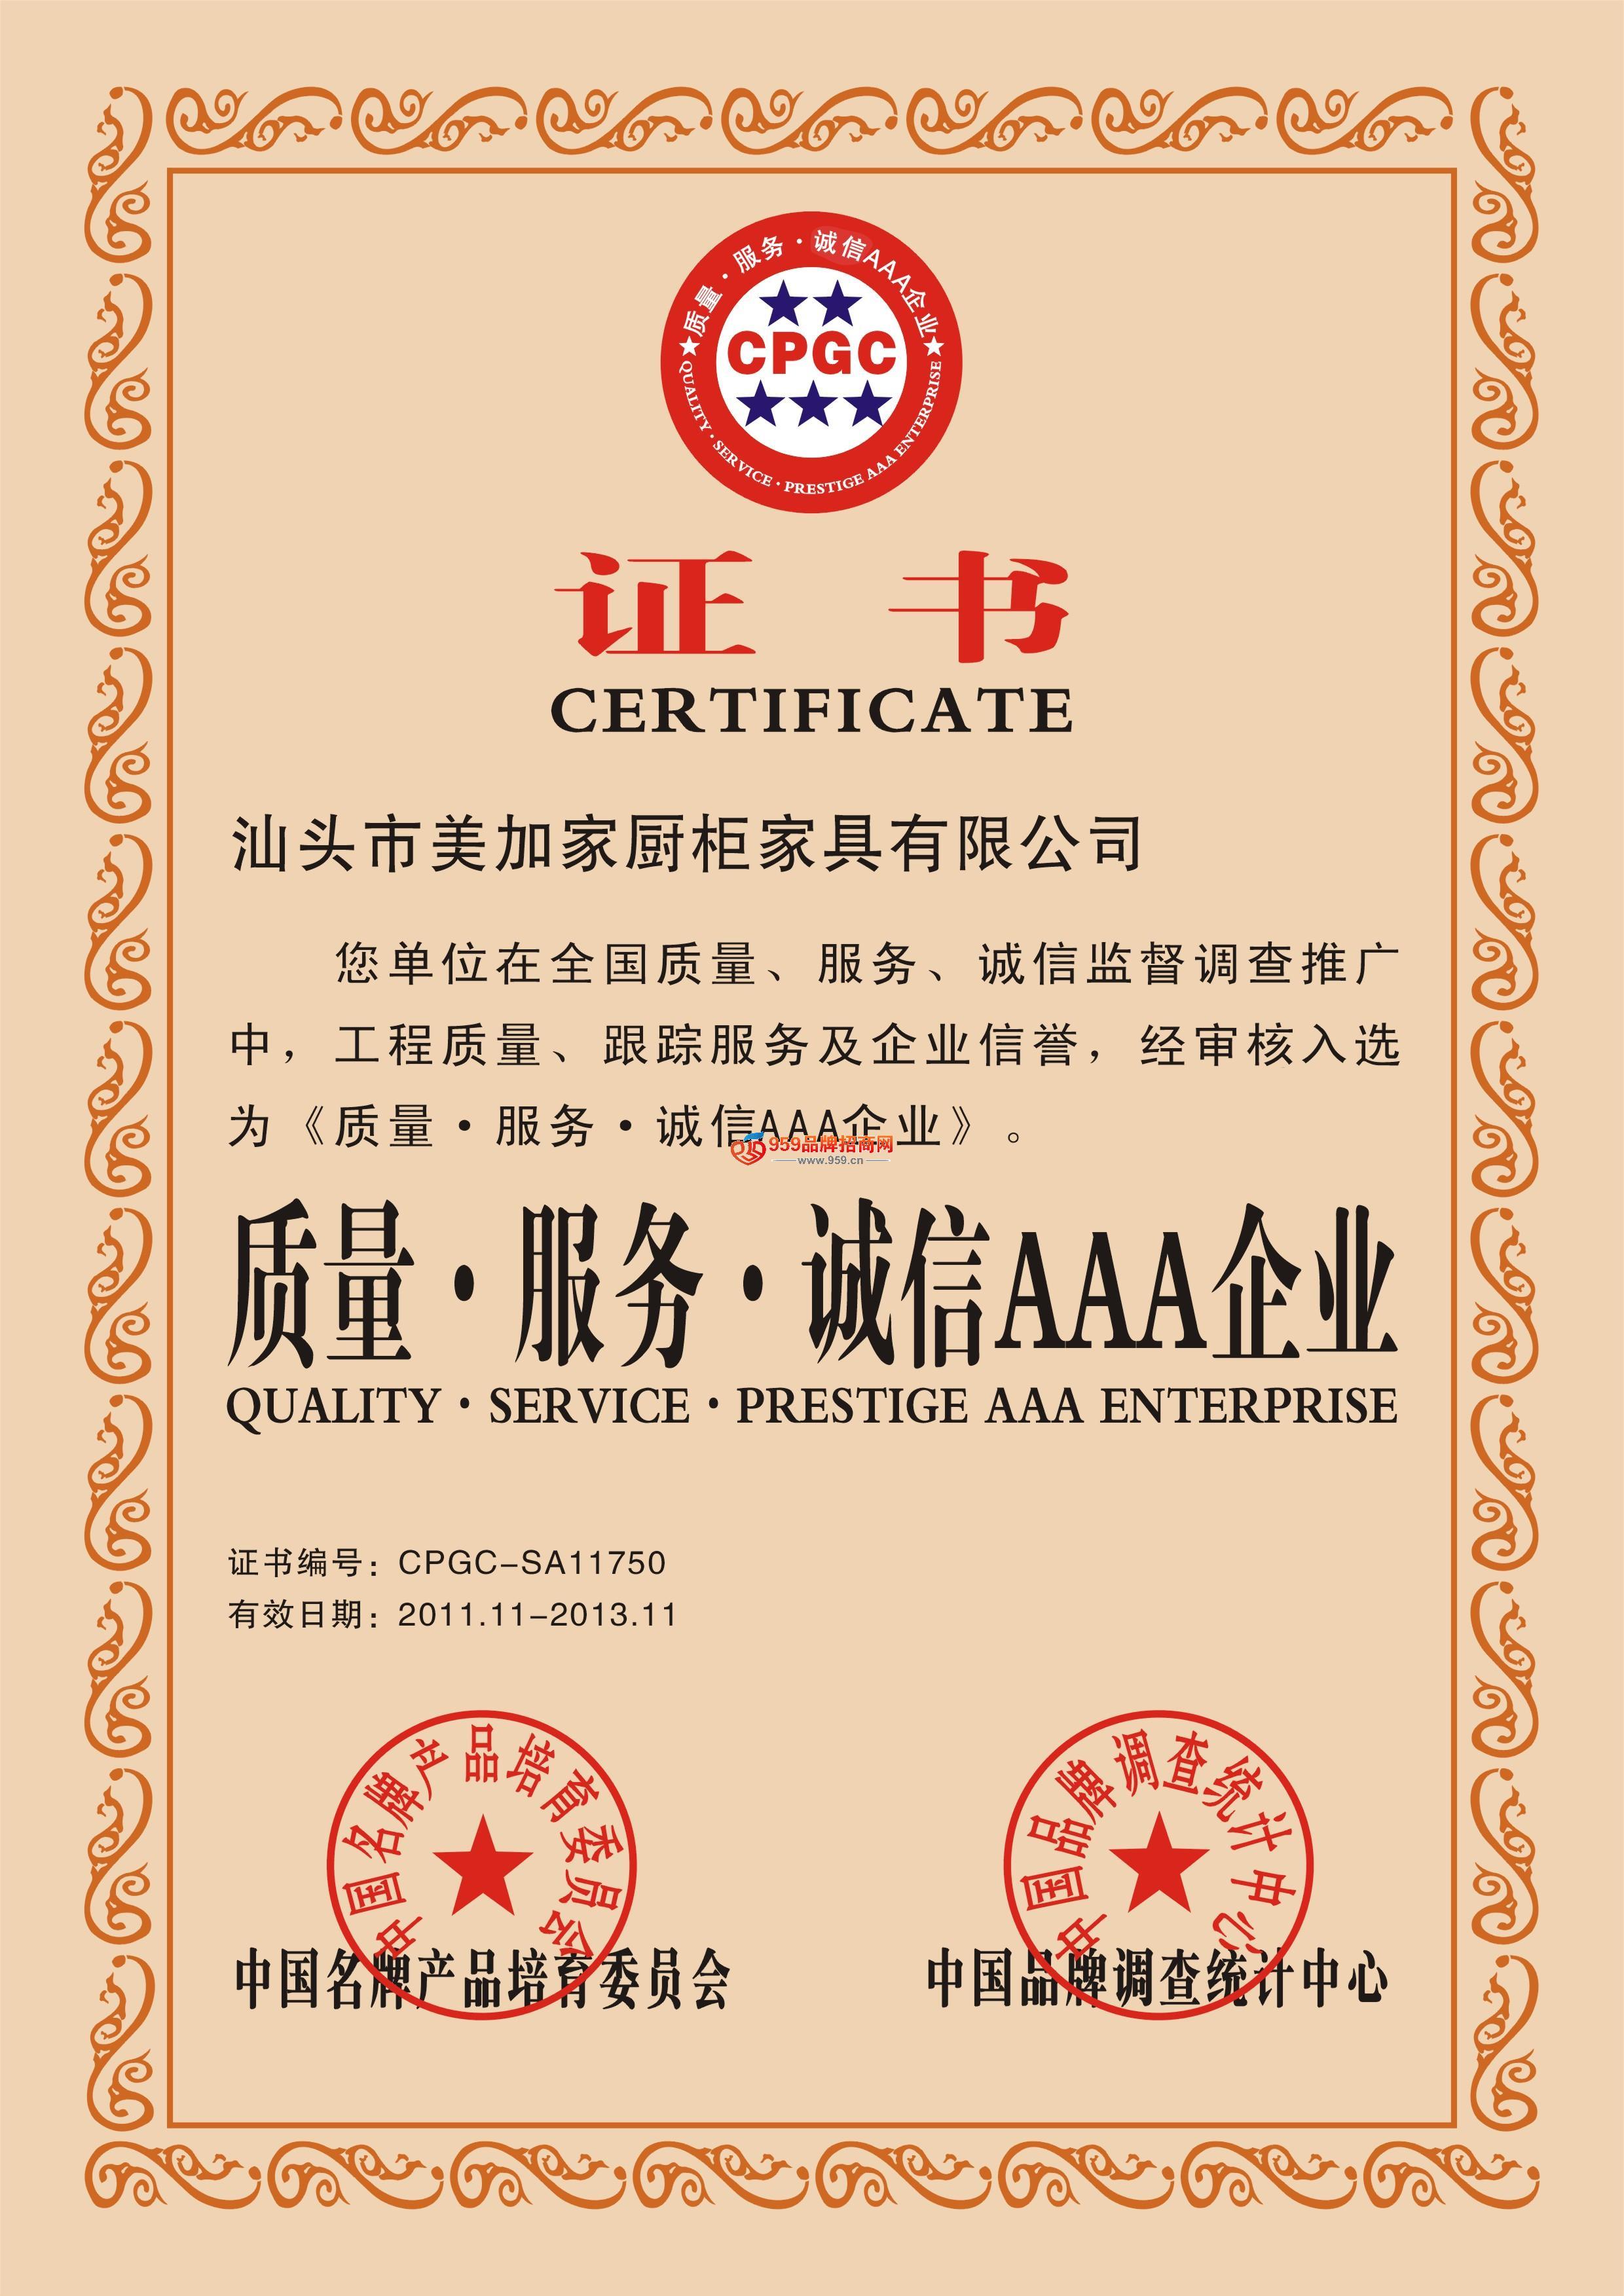 上海美加家橱柜爵爷v橱柜加盟家具代家具展厅汕头木产品图片